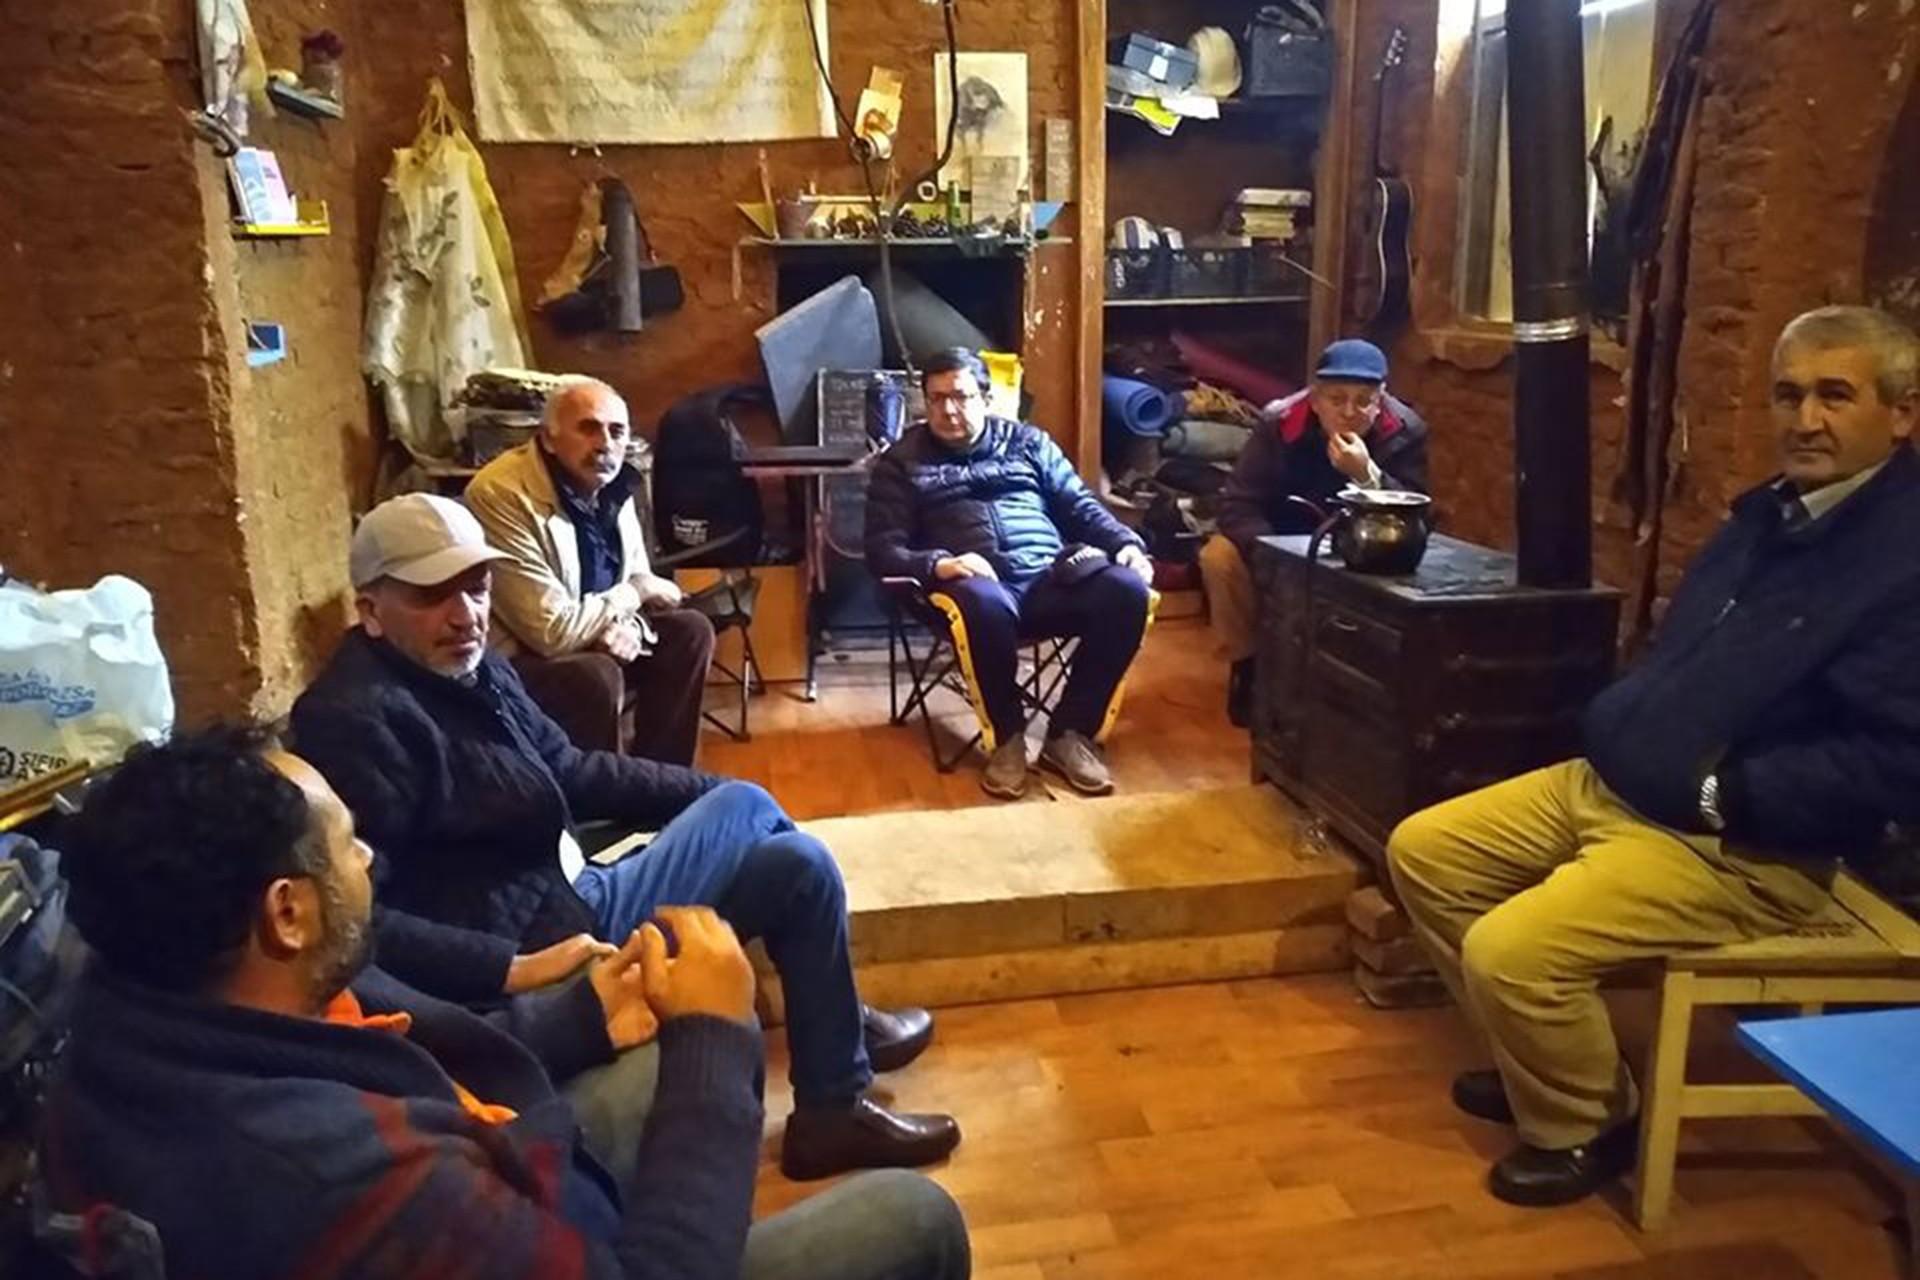 Yaşam savunucuları Muharrem Erkek ile Hamza Yıldız ile birlikte